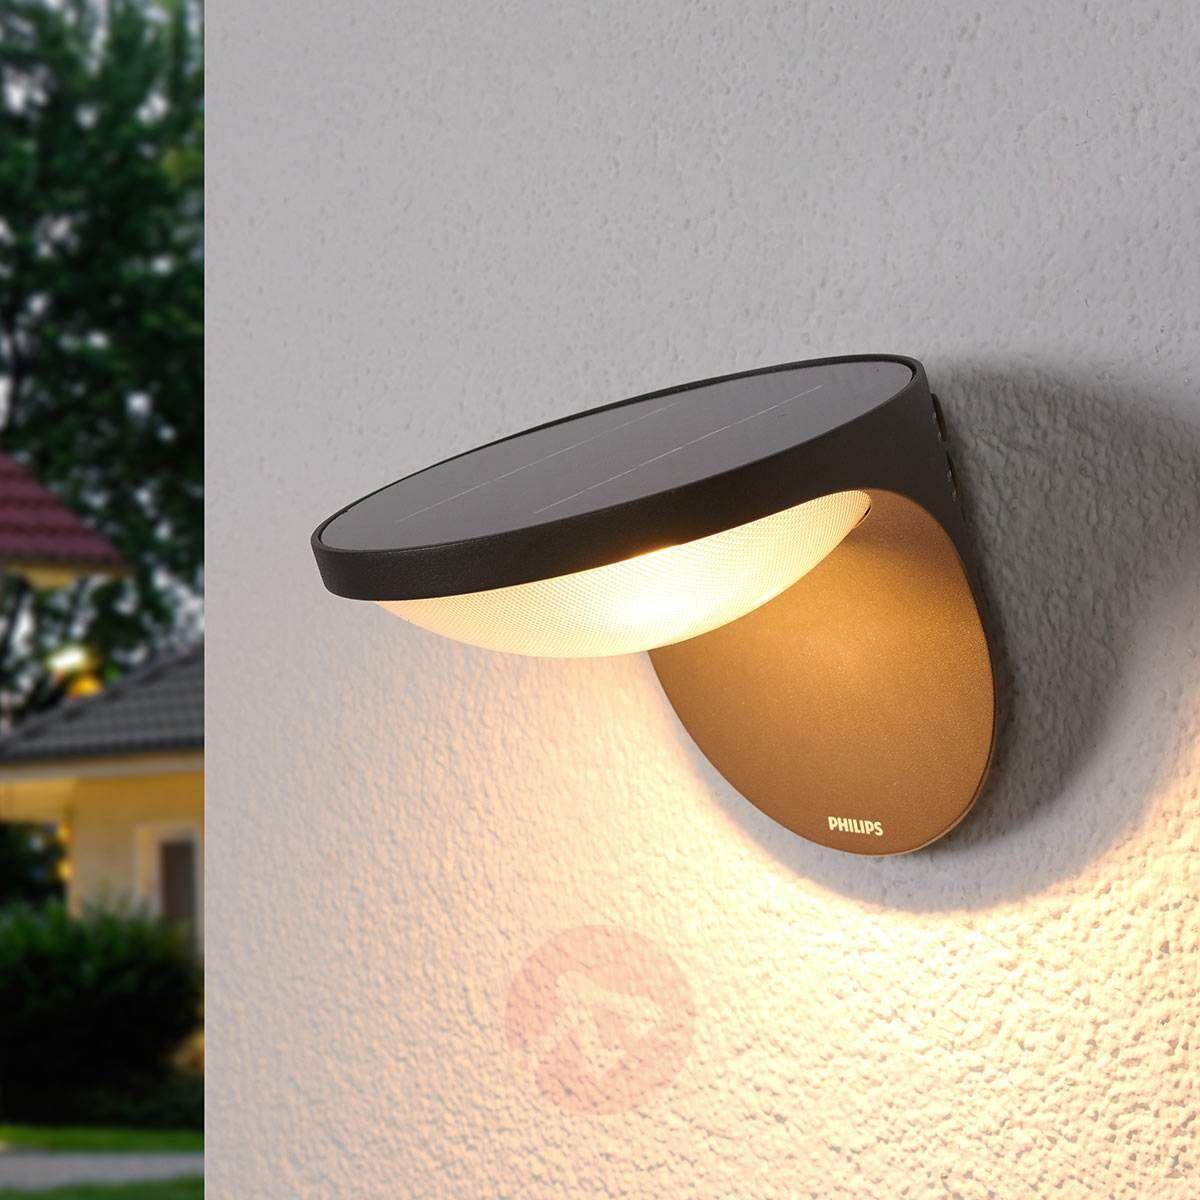 Oświetlenie Domu Na Zewnątrz Lampy Ogrodowe Kule Kanlux